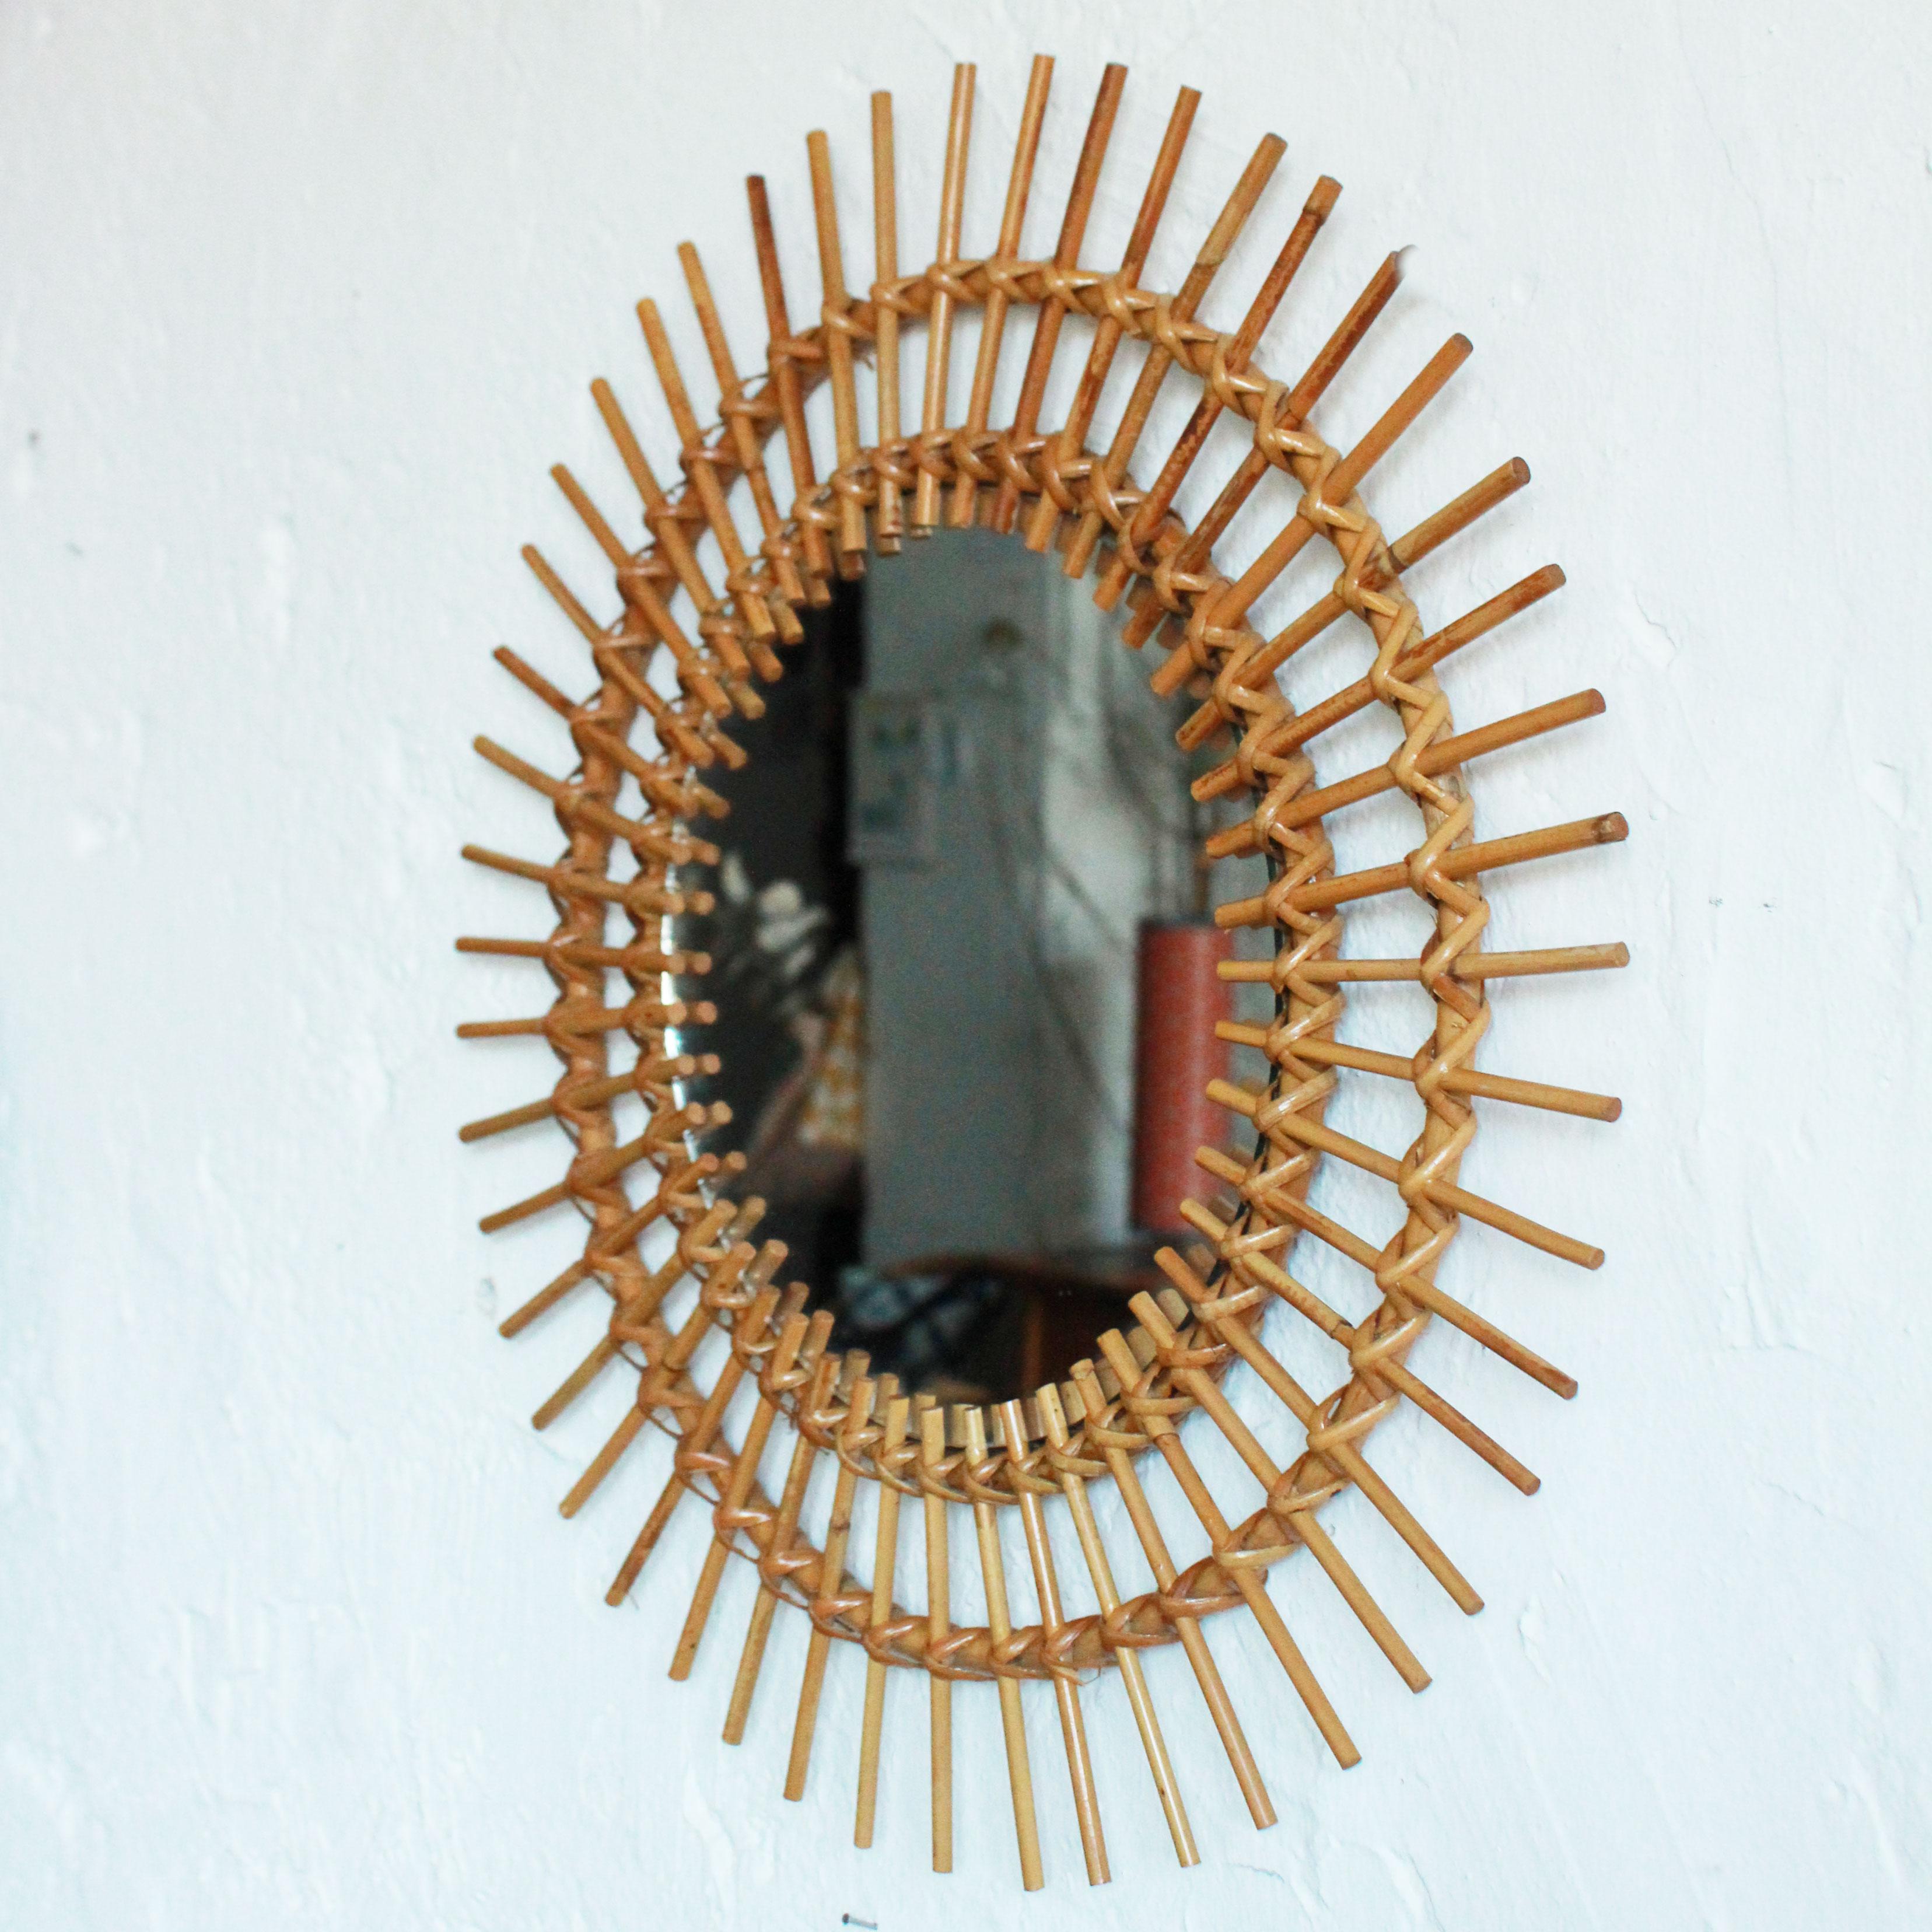 miroir rotin vintage soleil f250 b atelier du petit parc. Black Bedroom Furniture Sets. Home Design Ideas